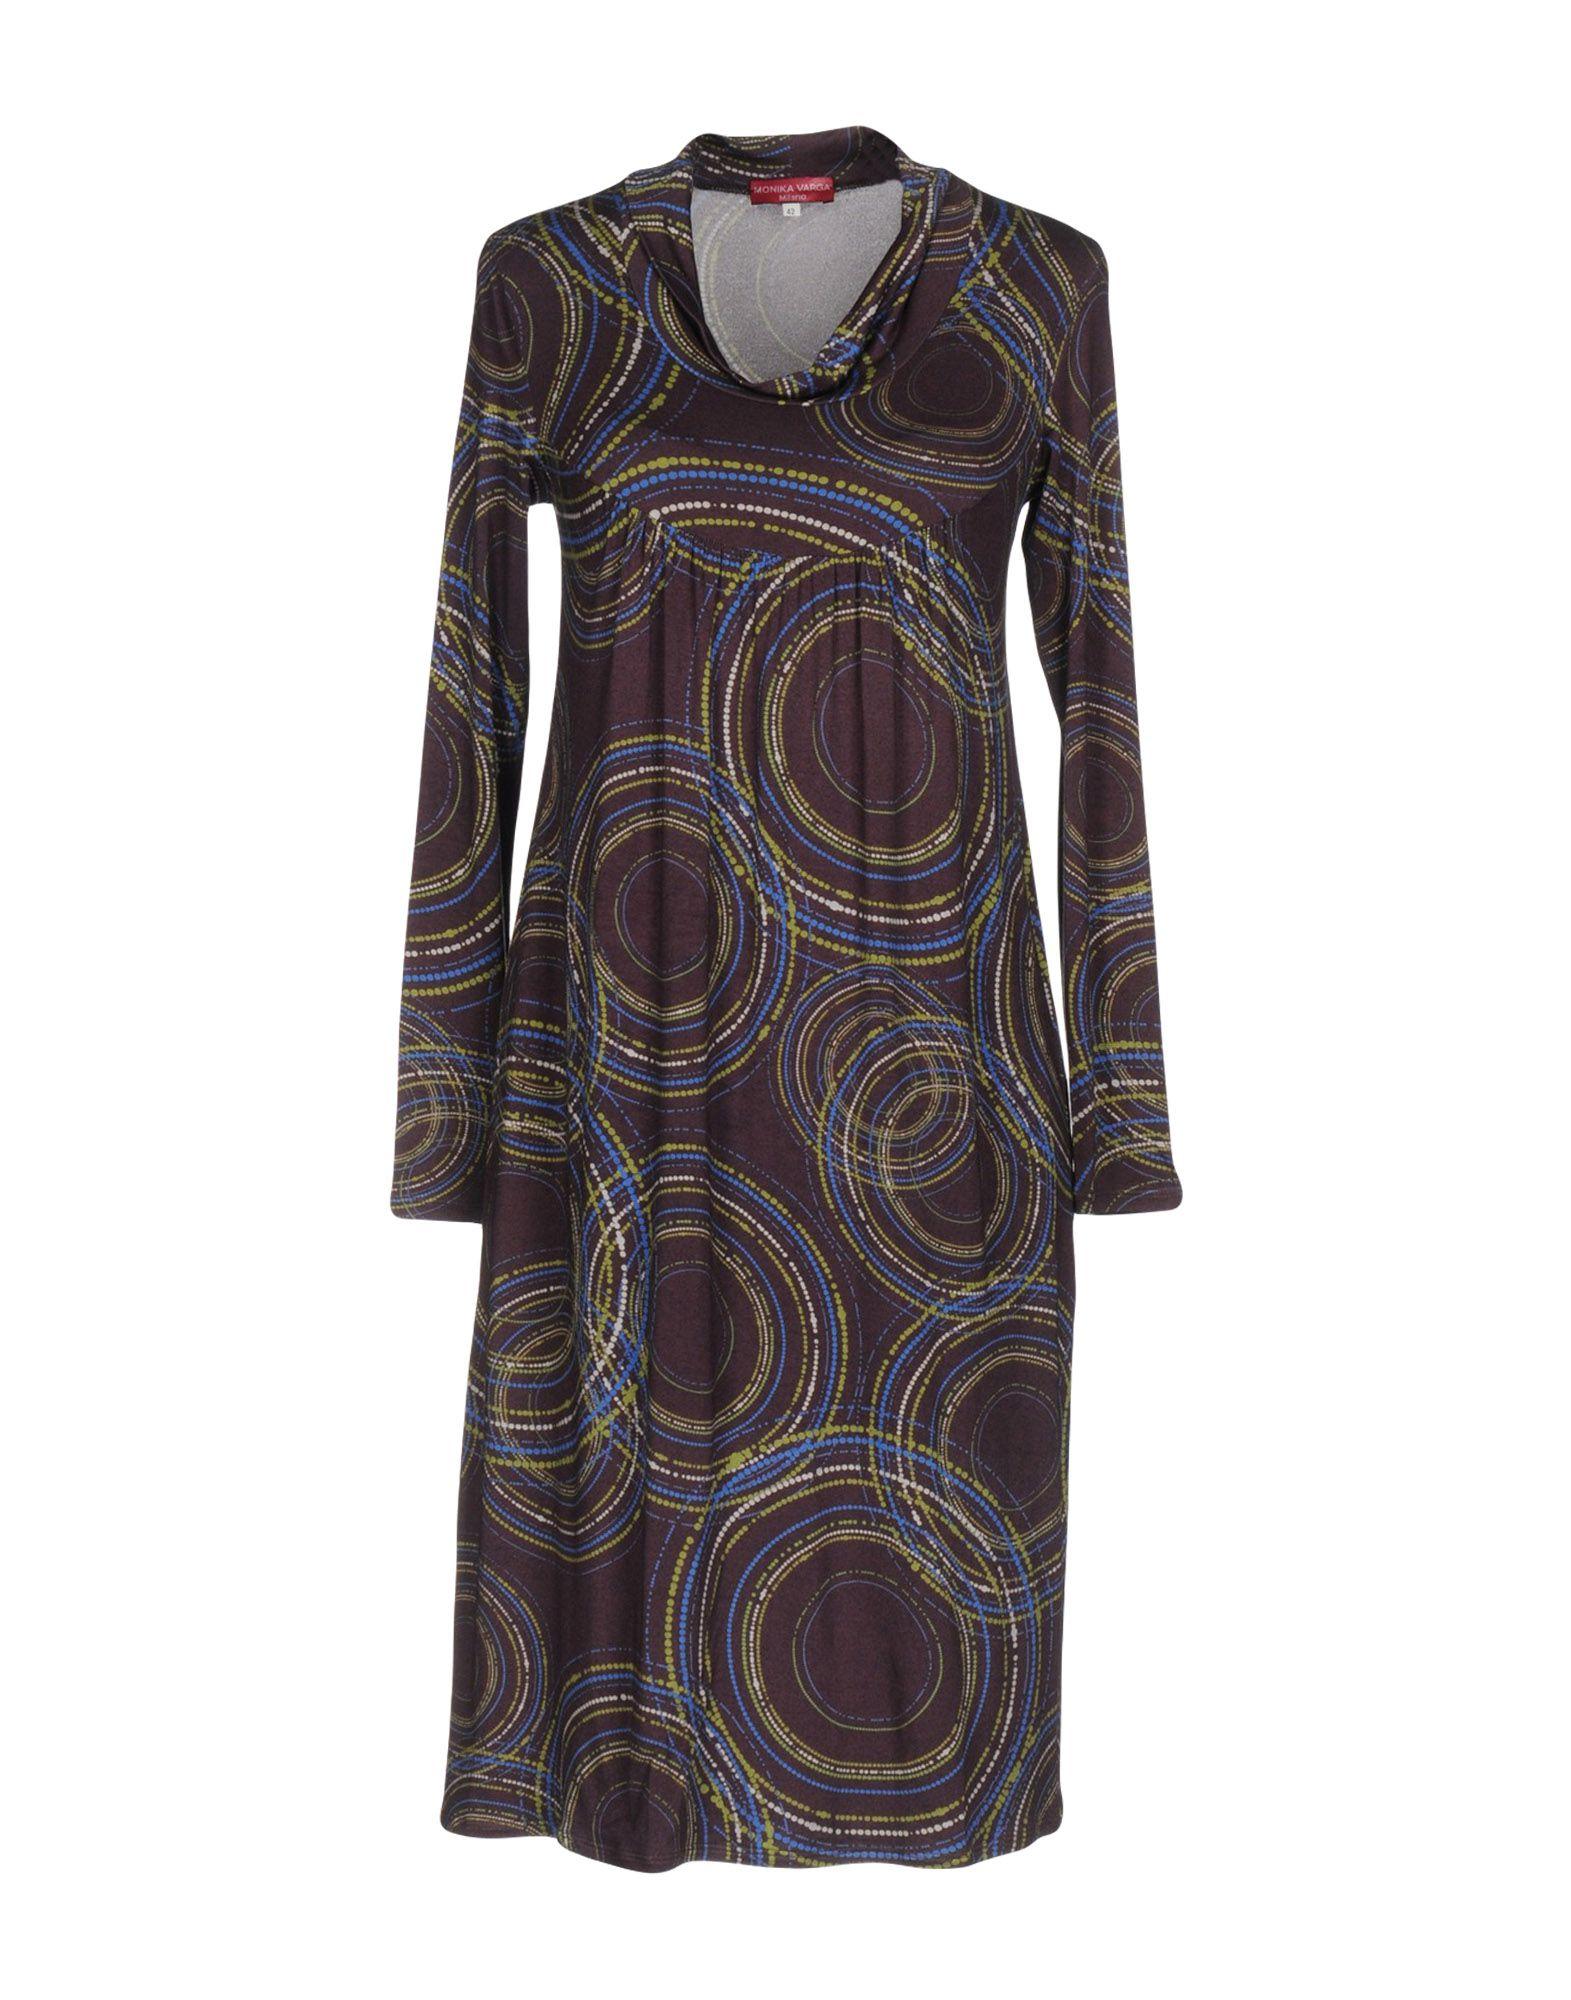 MONIKA VARGA Короткое платье cazdzy короткое коктейльное платье с бантами